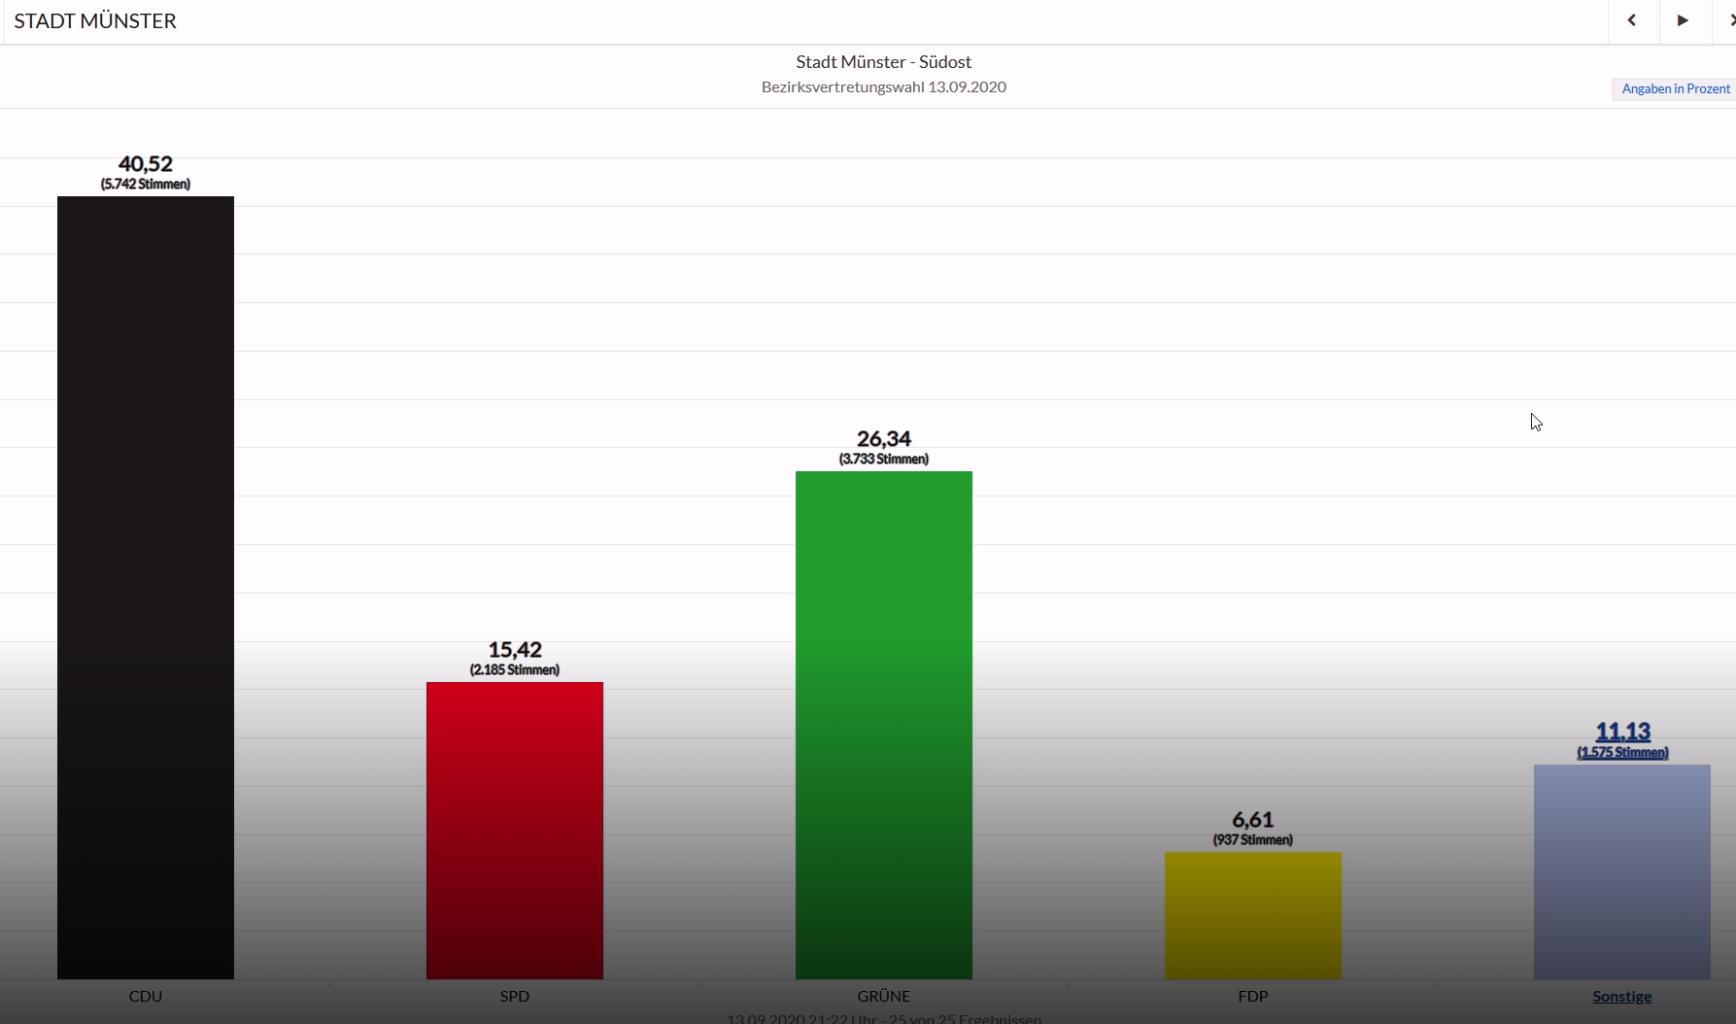 Kommunalwahl Münster 2020 - Bezirksvertretung Südost Stimmenanteil nach der Kommunalwahl Münster 2020